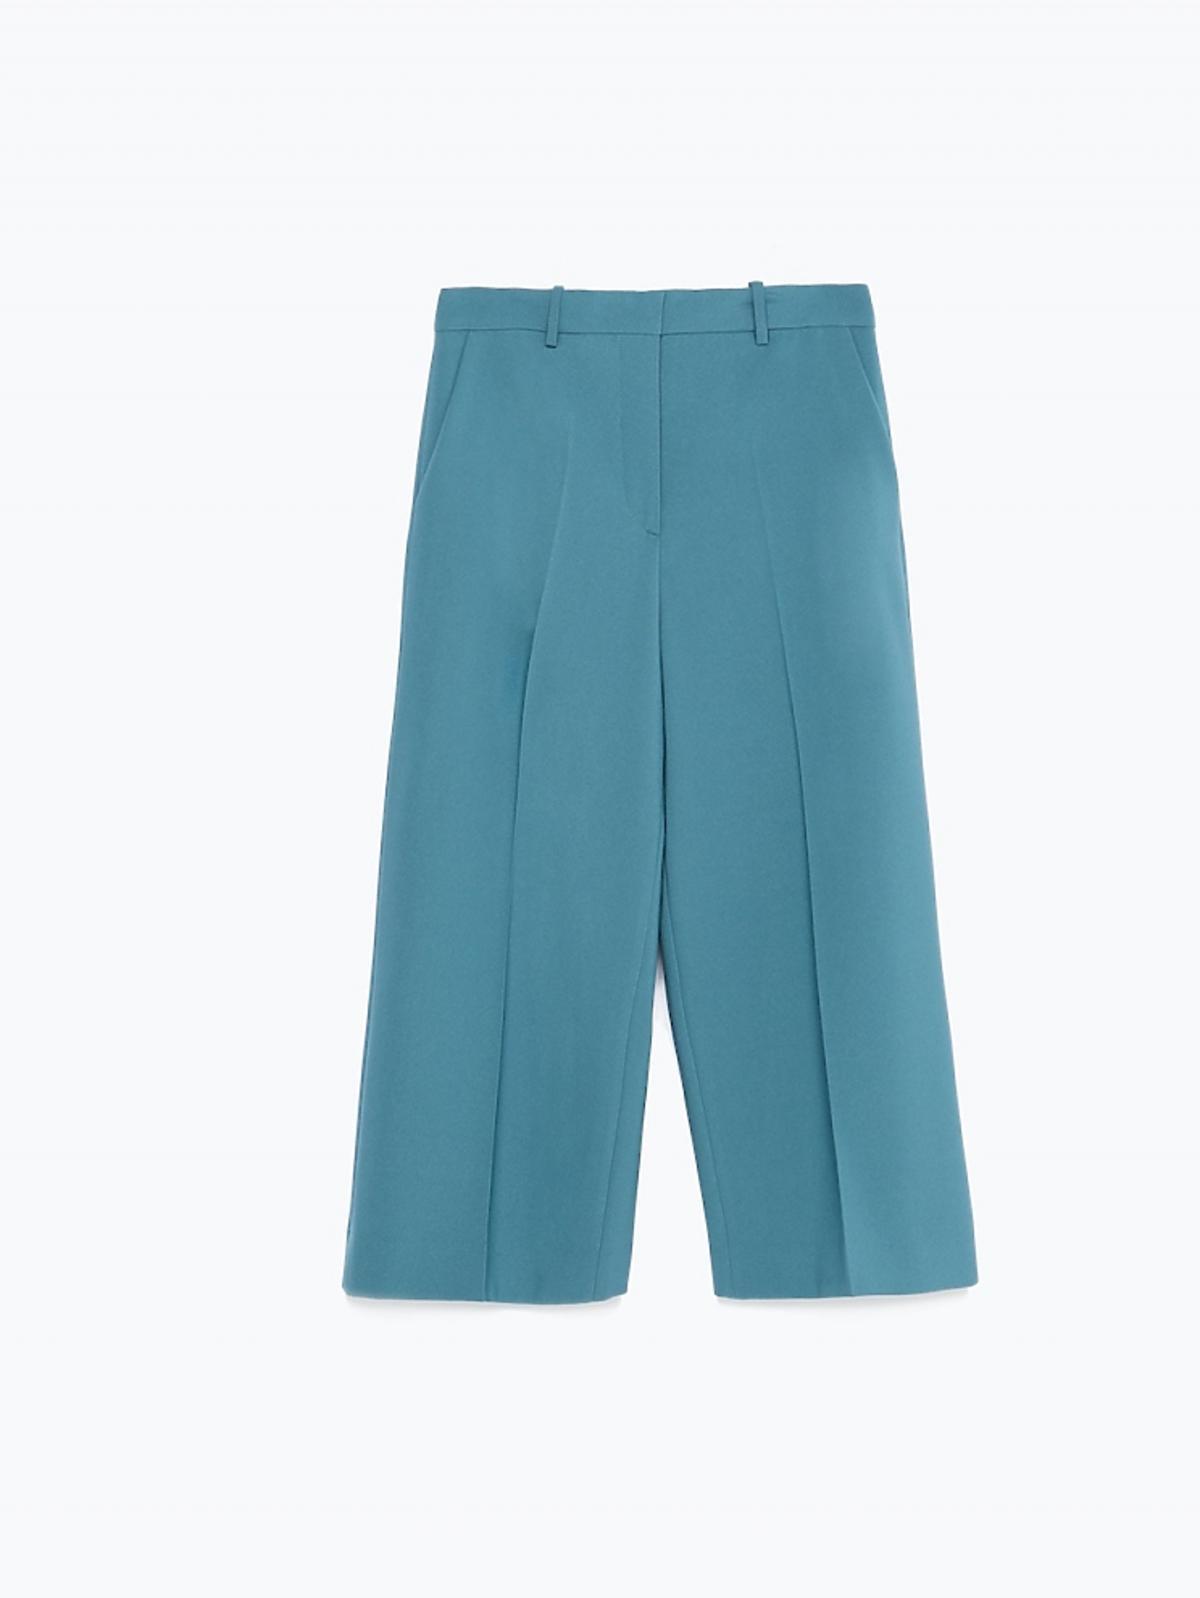 zielone spódnicospodnie